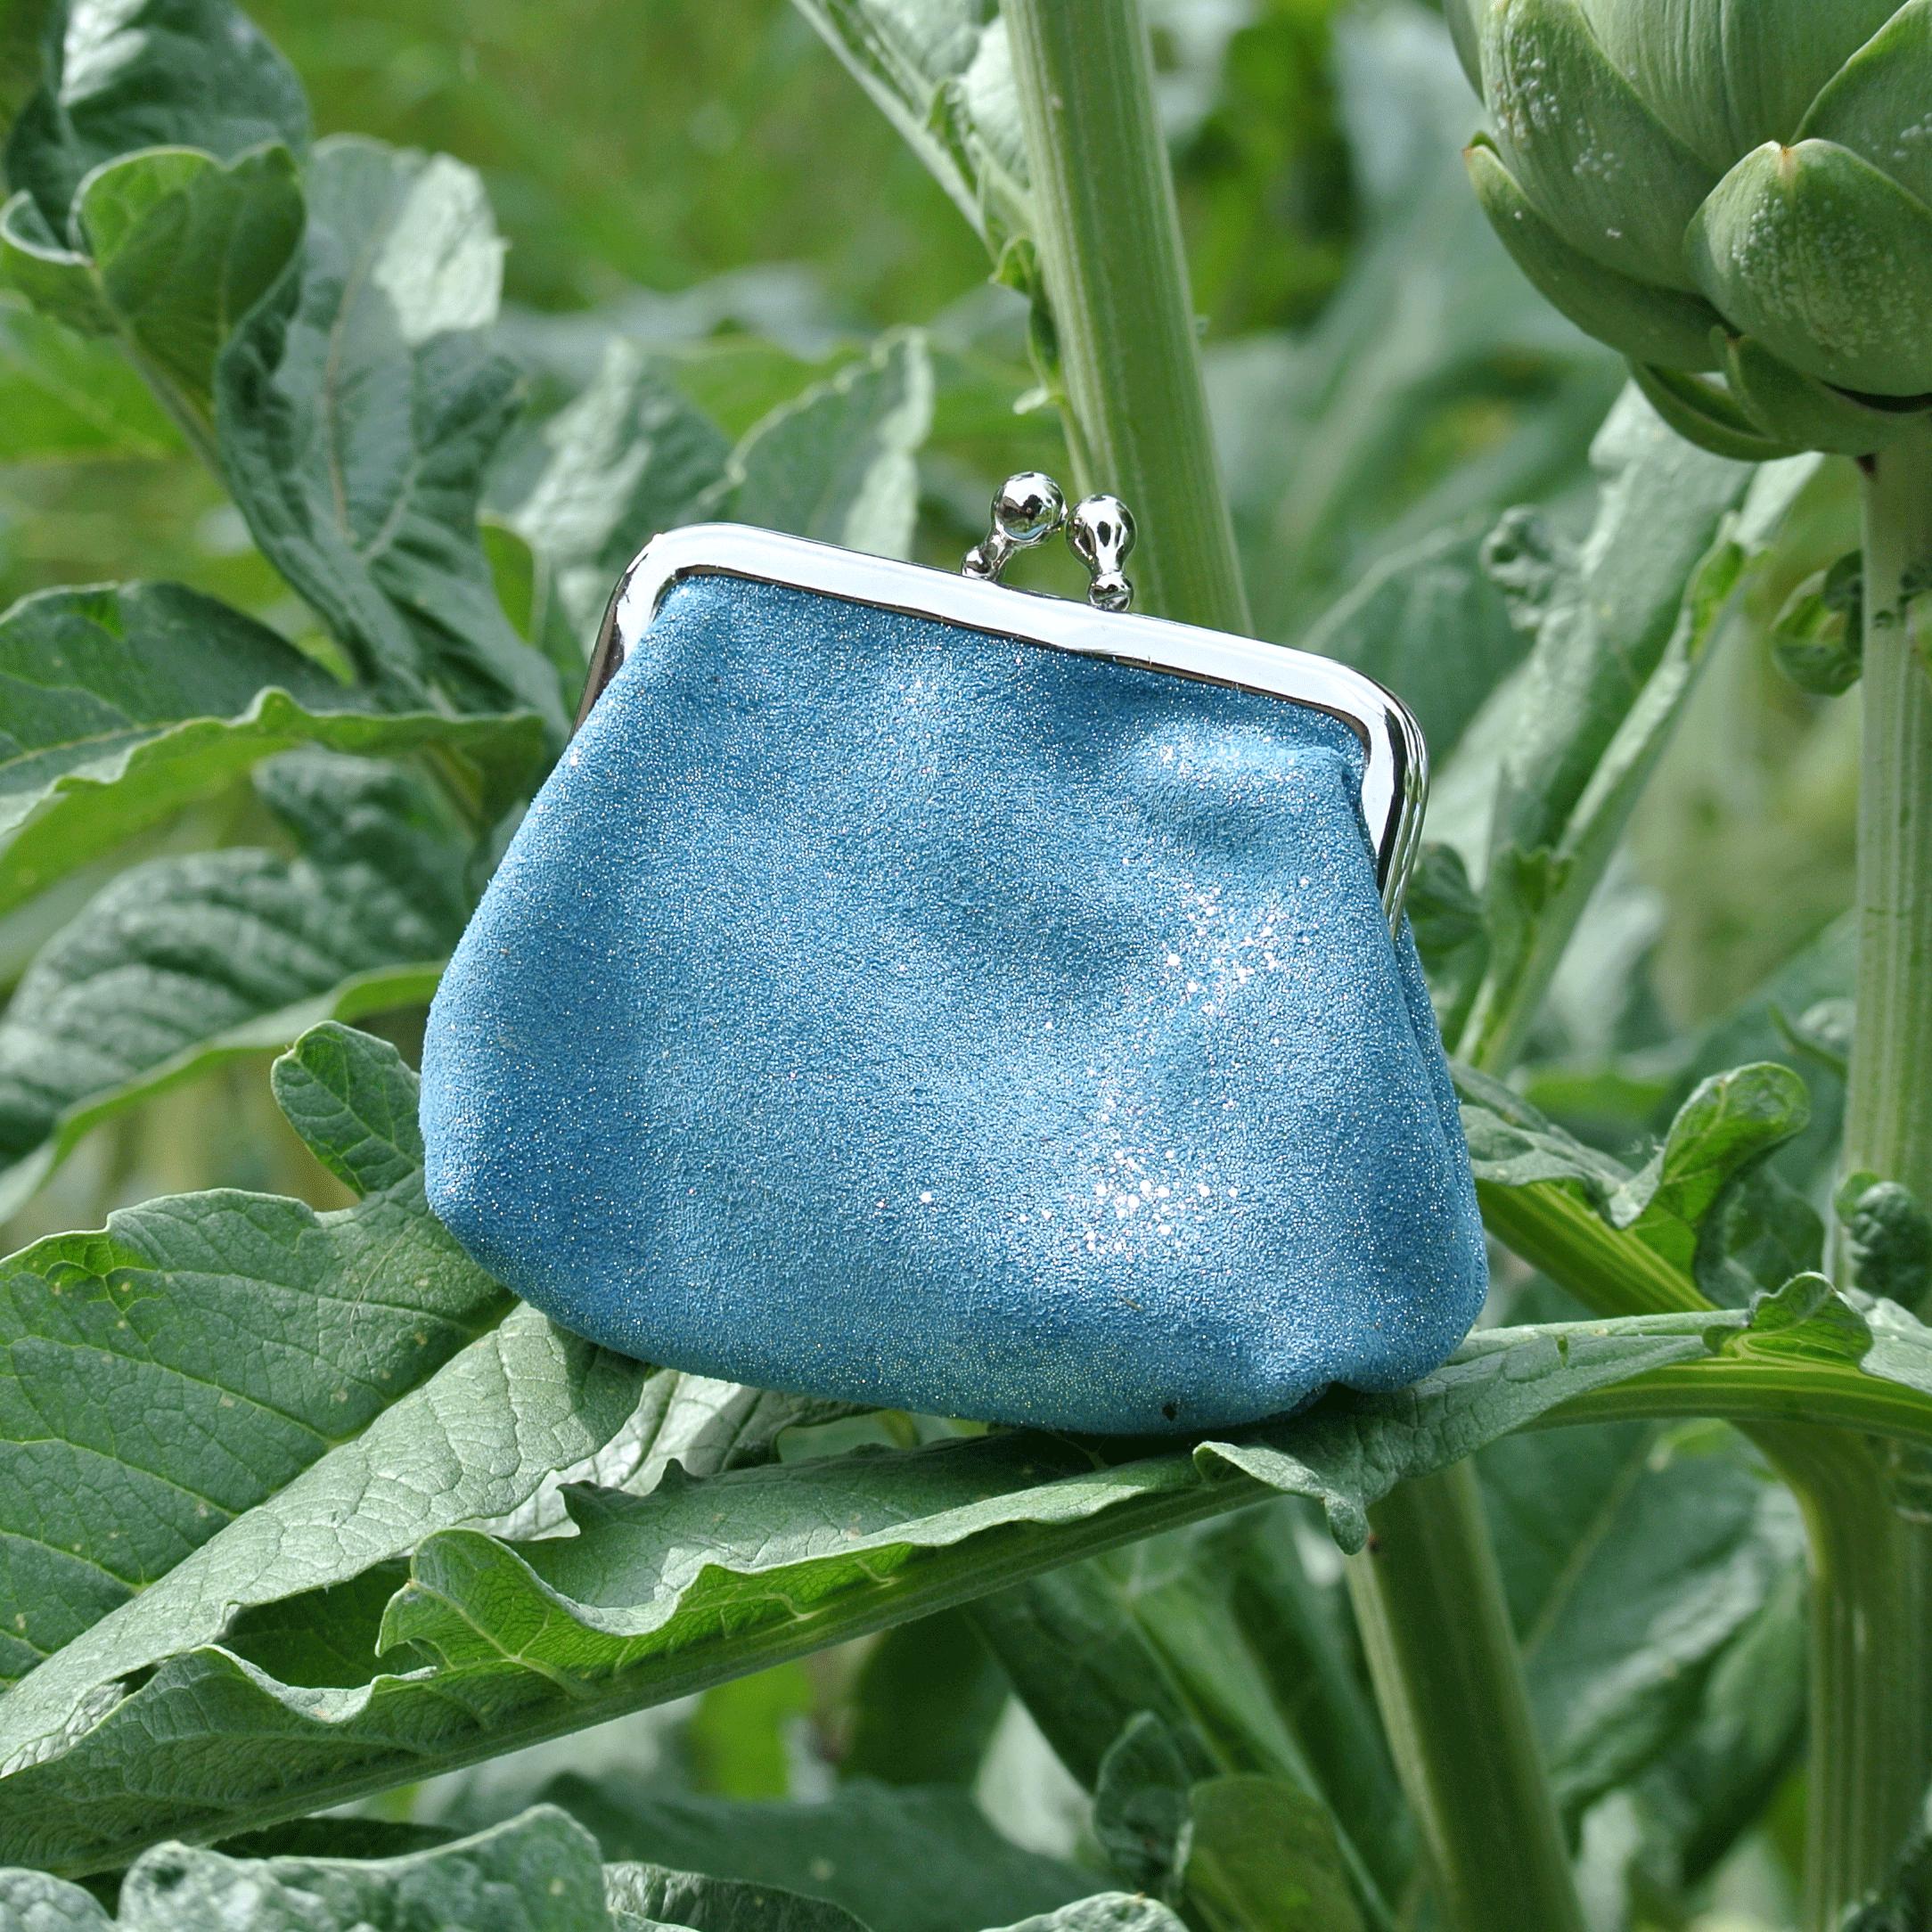 la-cartabliere-fabrique-en-france-made-in-france-porte-monnaie-reine-en-cuir-paillete-bleu-sarcelle